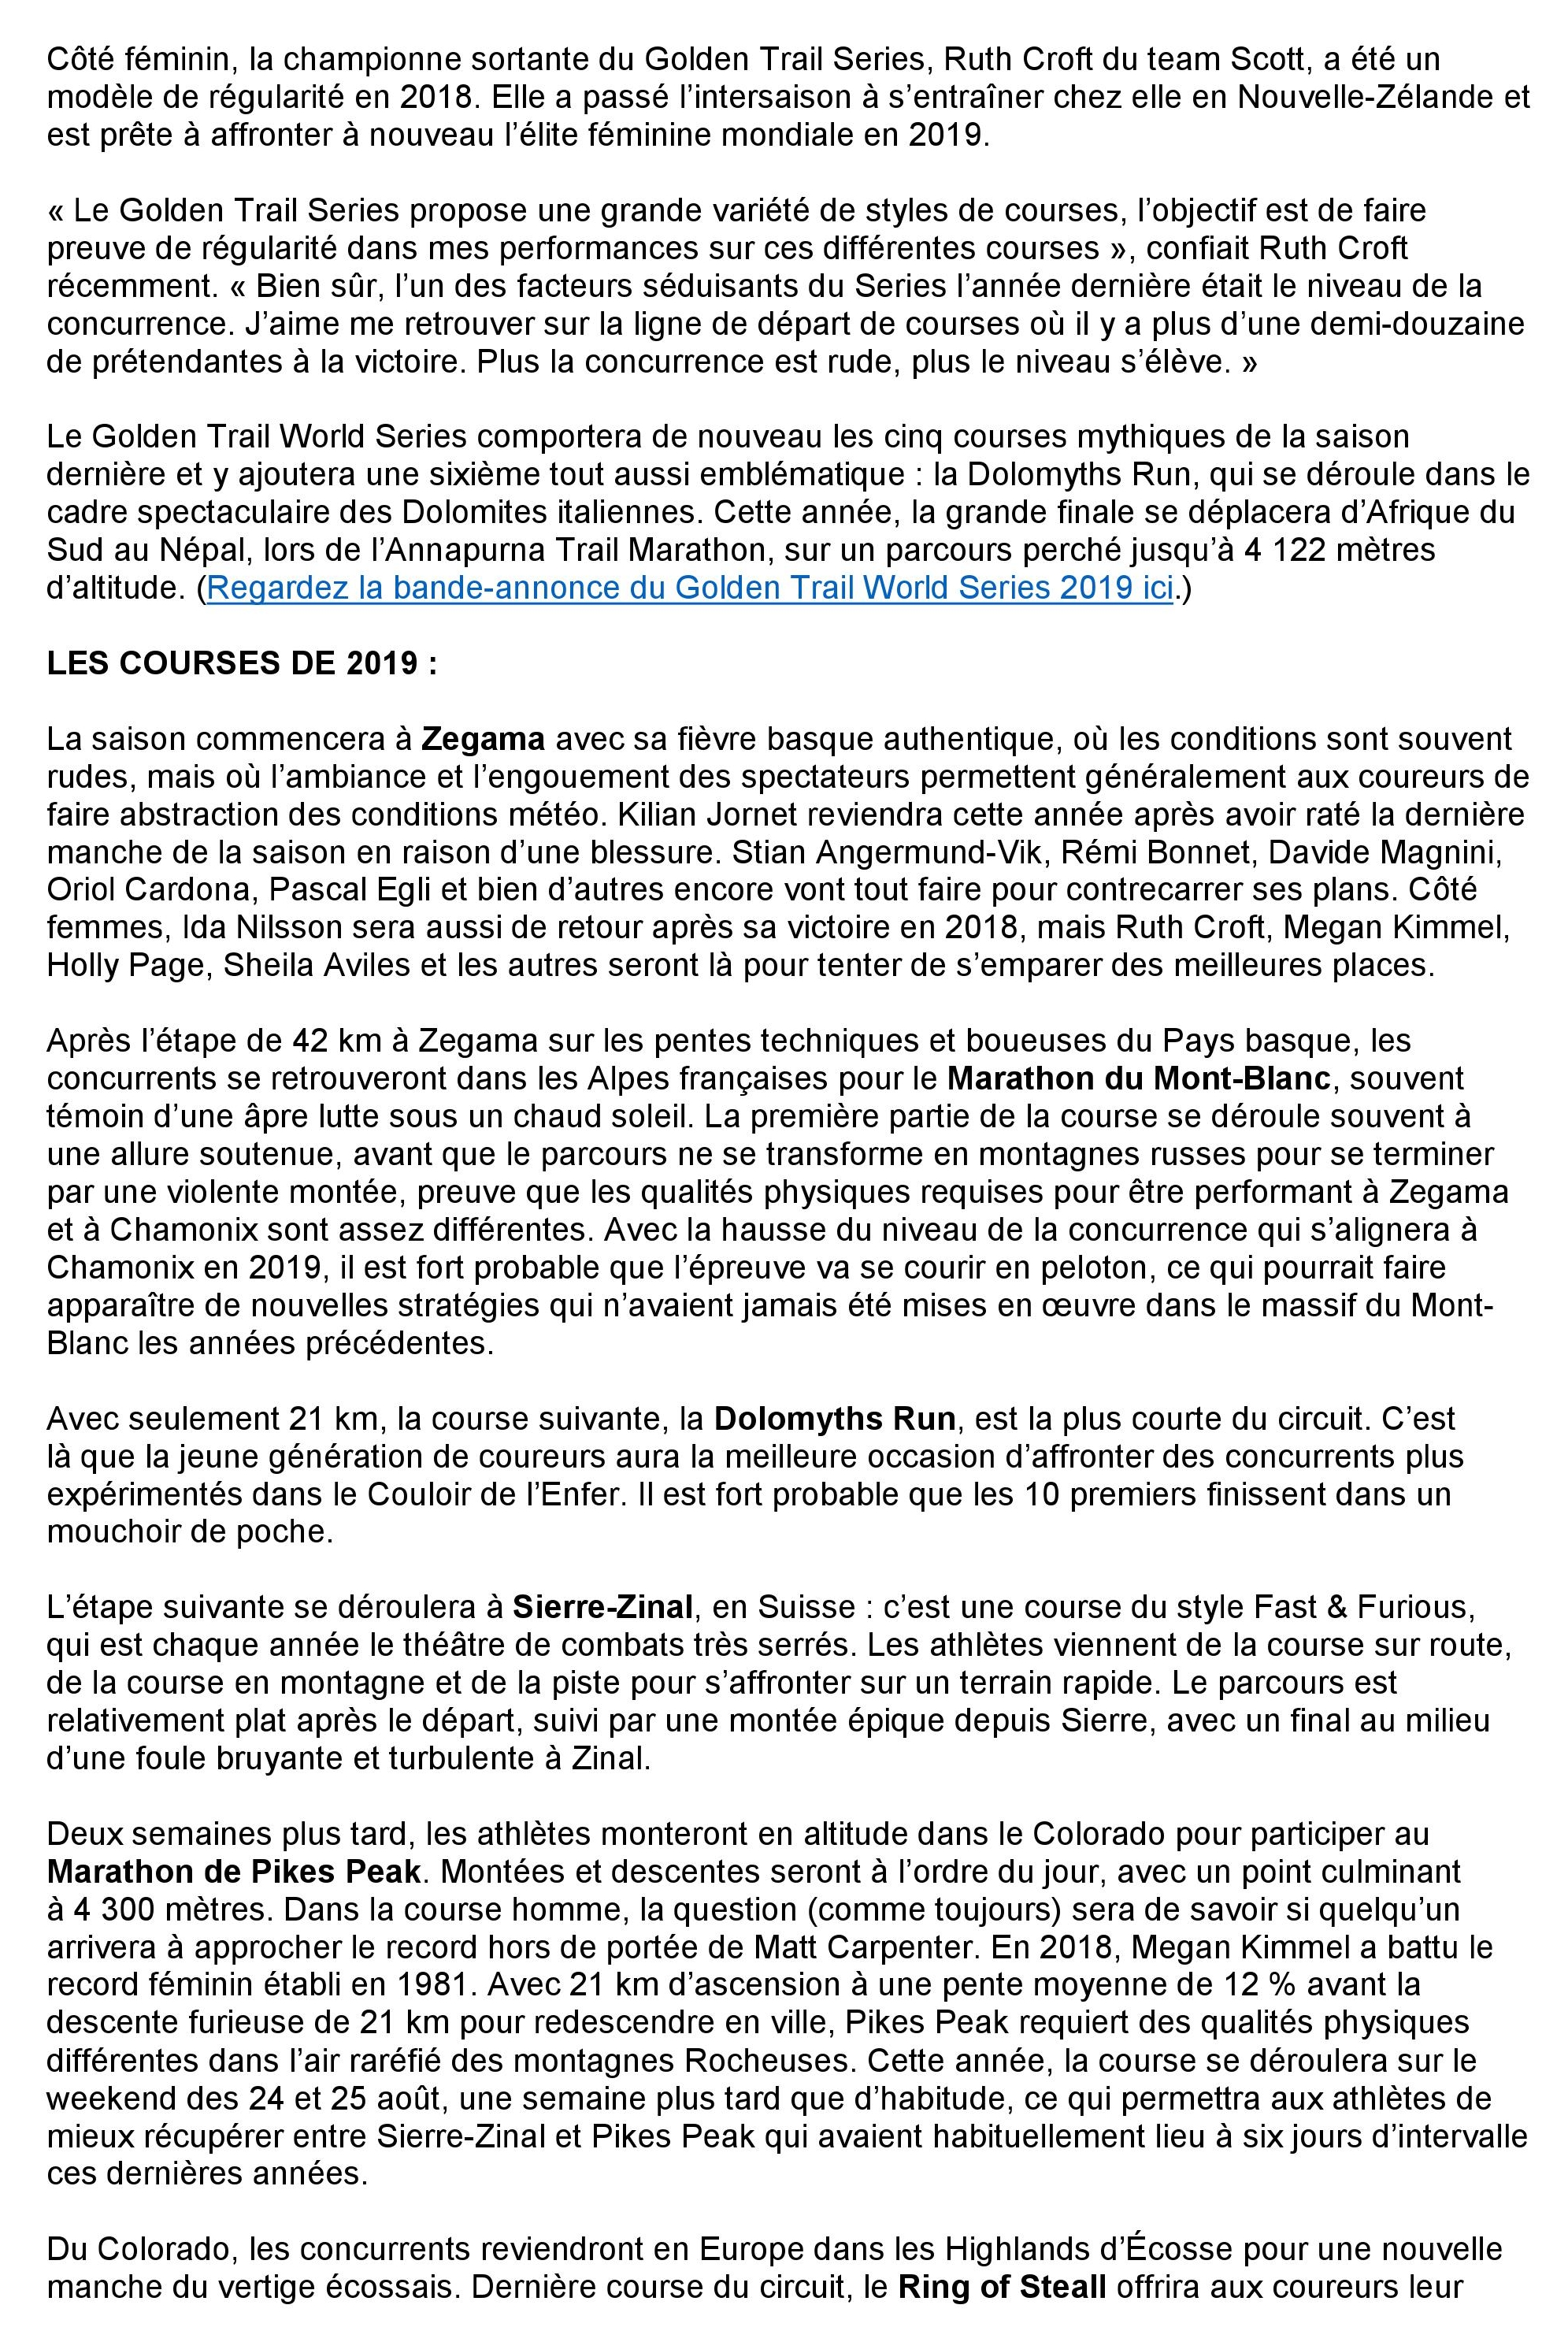 0002 1 e1549470775784 - LA LISTE DES ATHLÈTES DU GOLDEN TRAIL WORLD SERIES 2019 DÉVOILÉE !